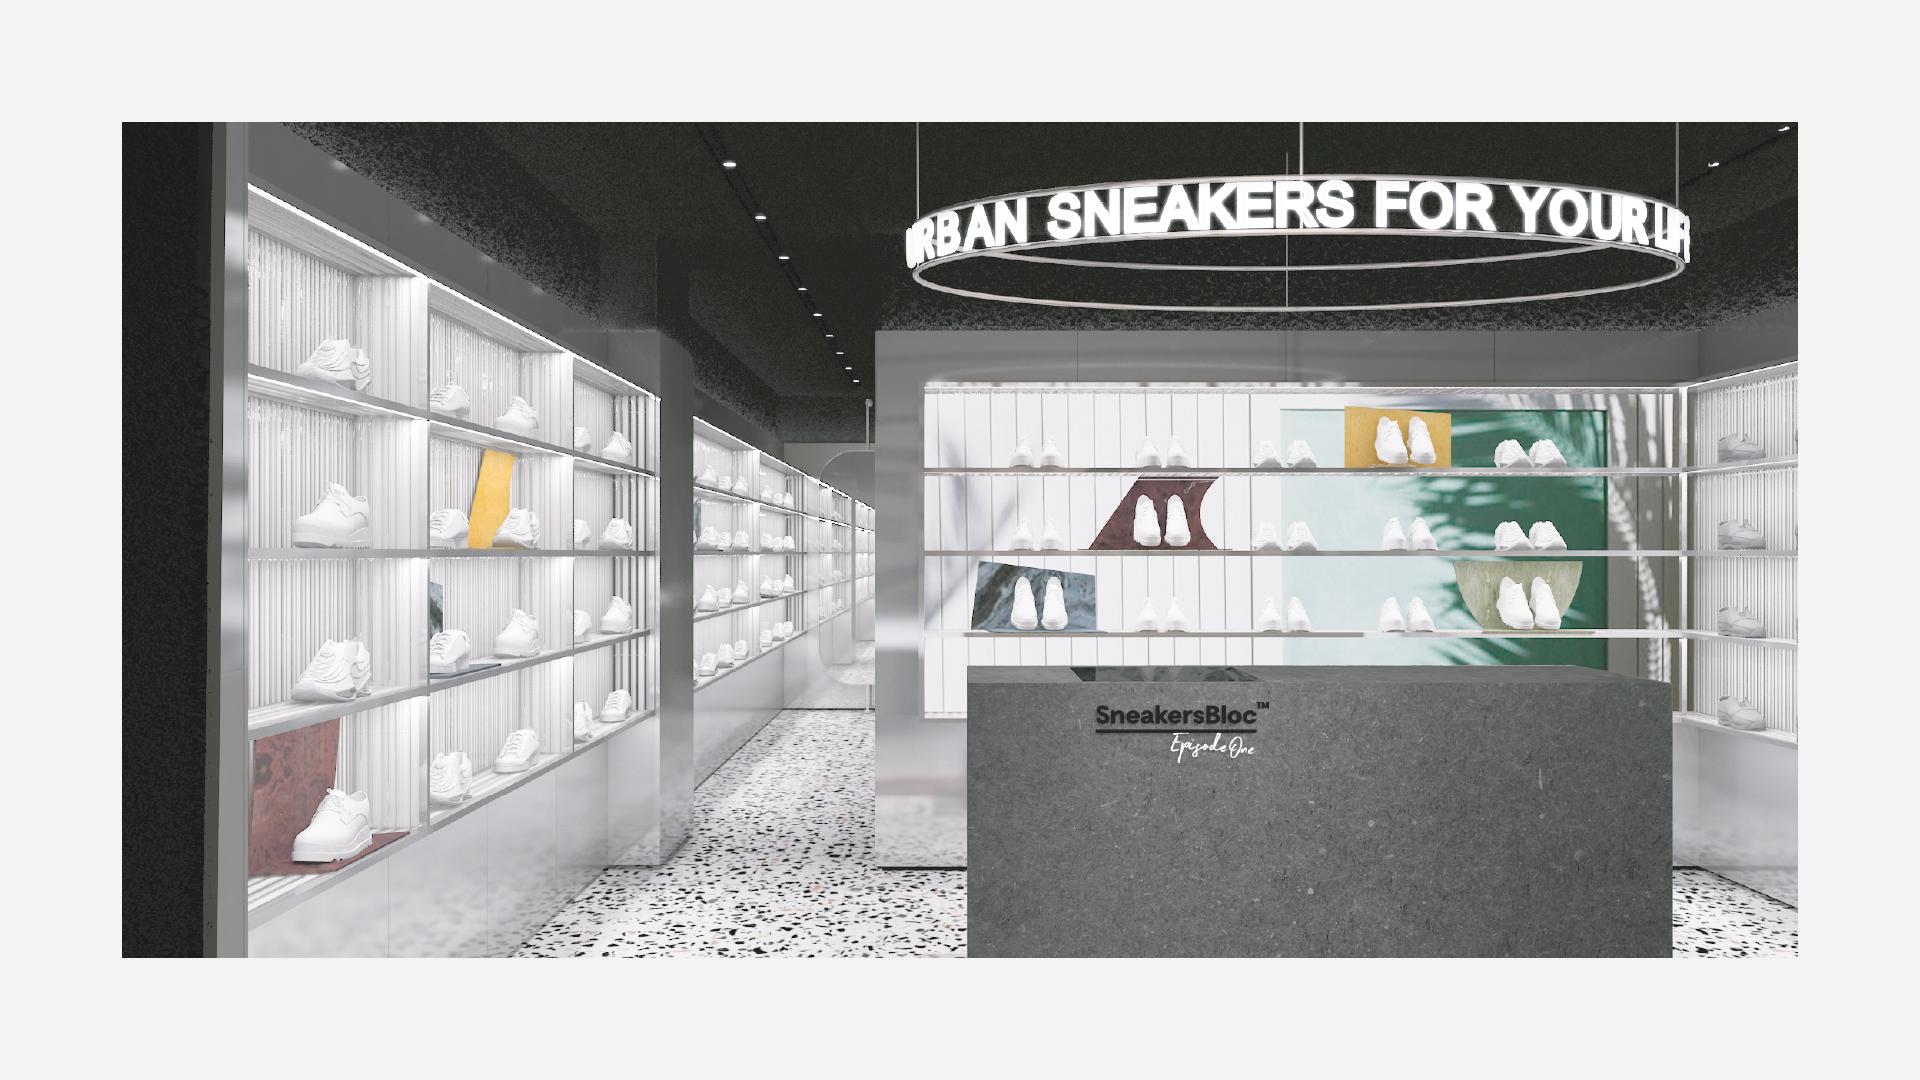 SneakersBloc